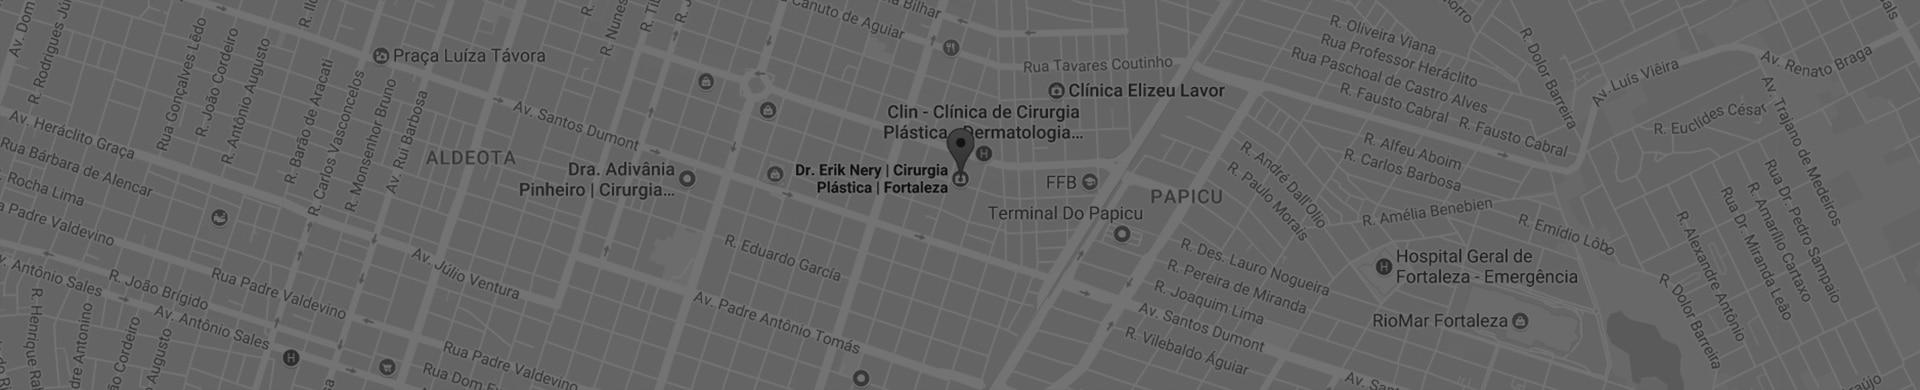 mapa_28bc65d099e1f17f151da7699f0b3084